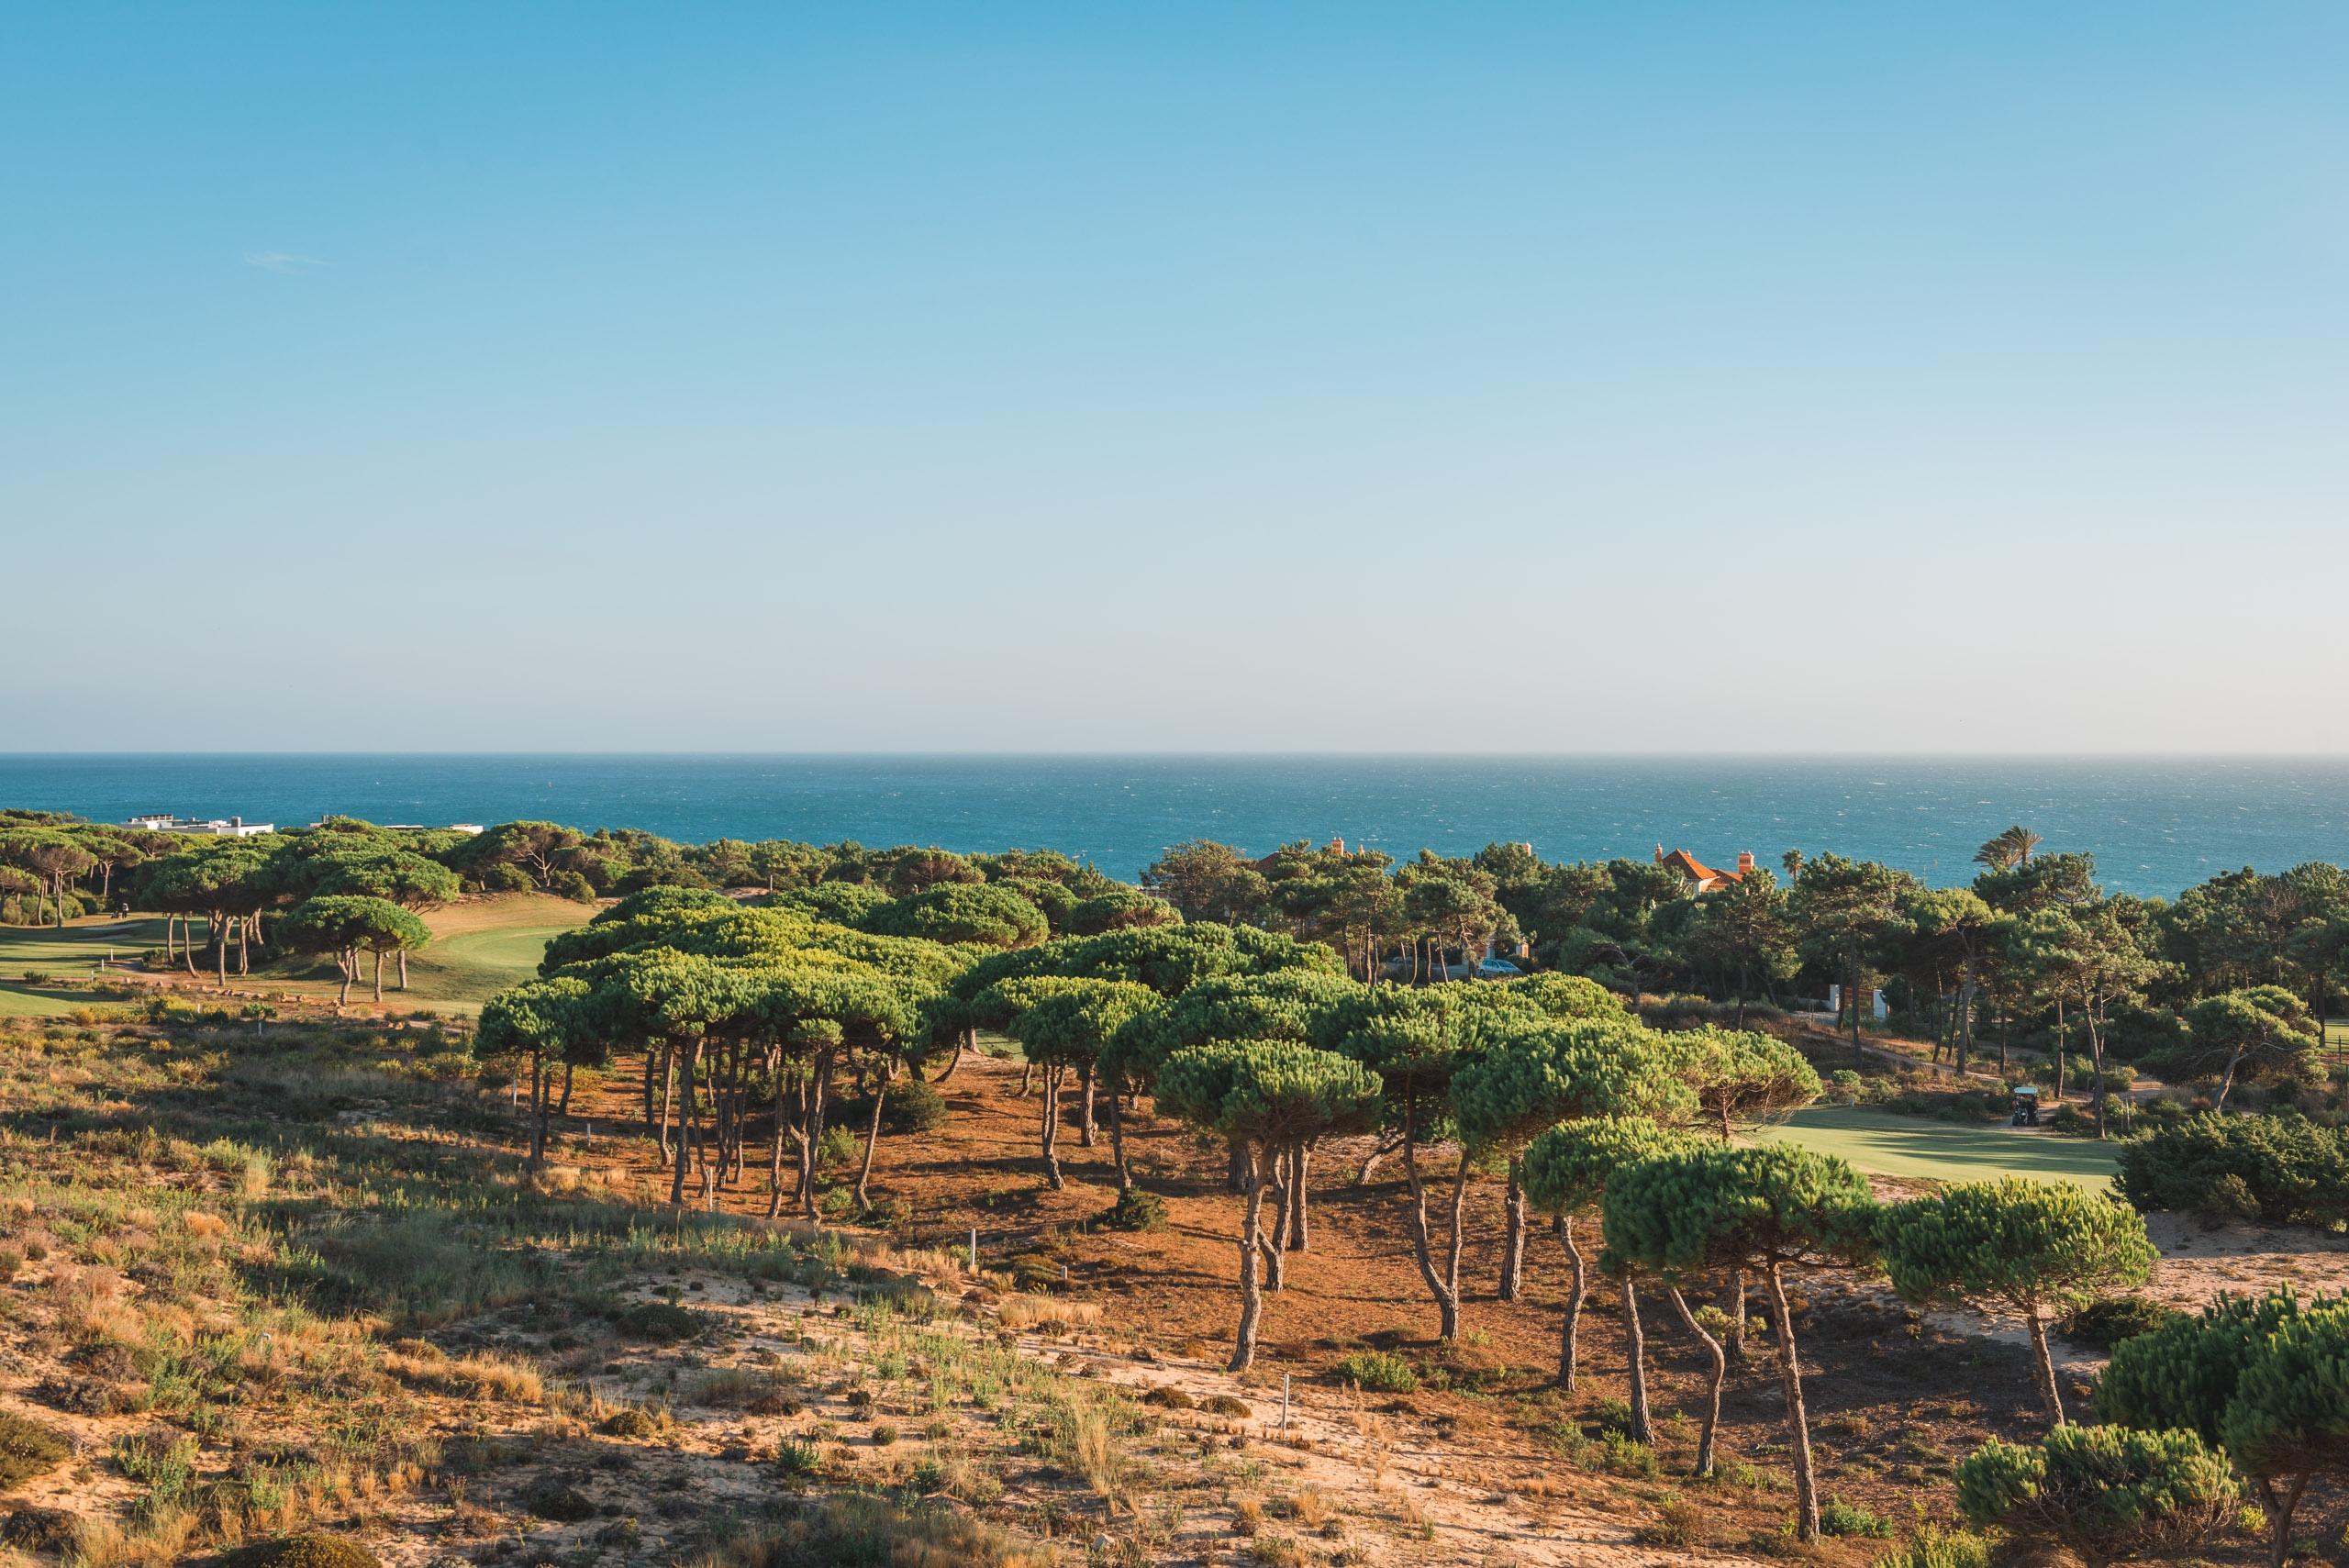 Portugal - Cascais - 2012-0929-DSC_2272_105541